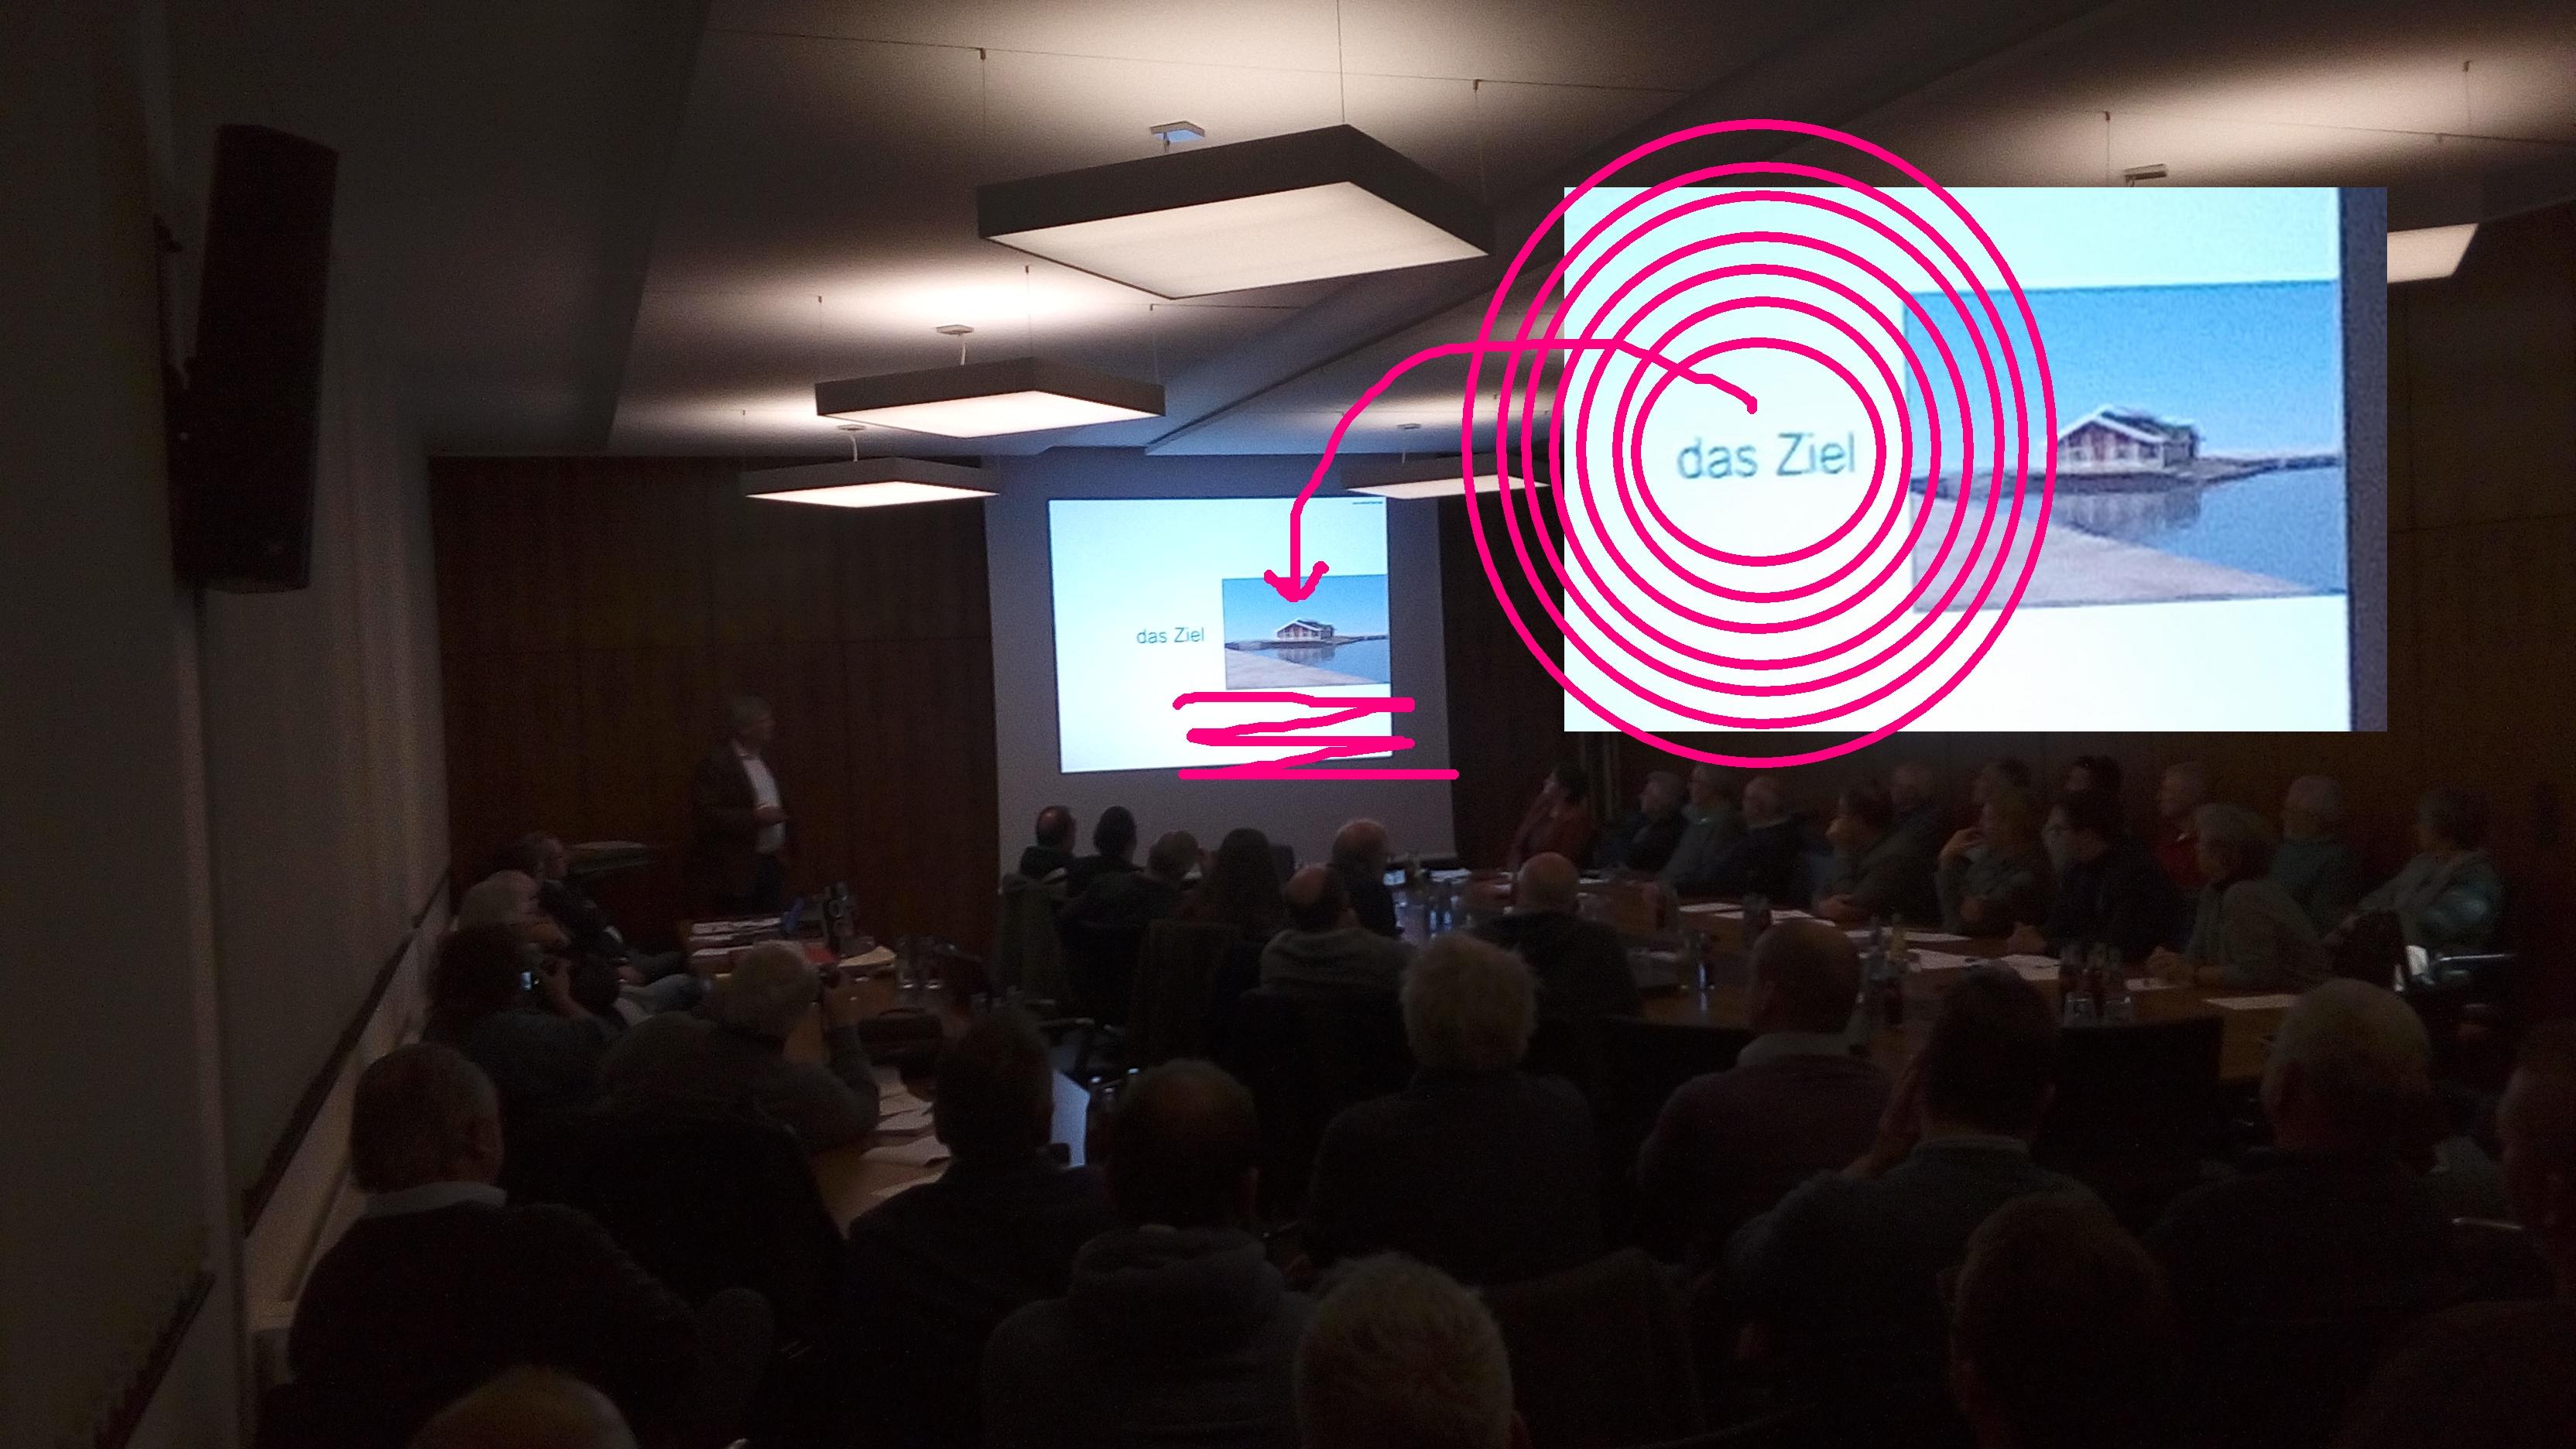 DAS ZIEL -- Projektvorstellung 30.11.2017 GOSCH auf HVB-Traumgrundstück